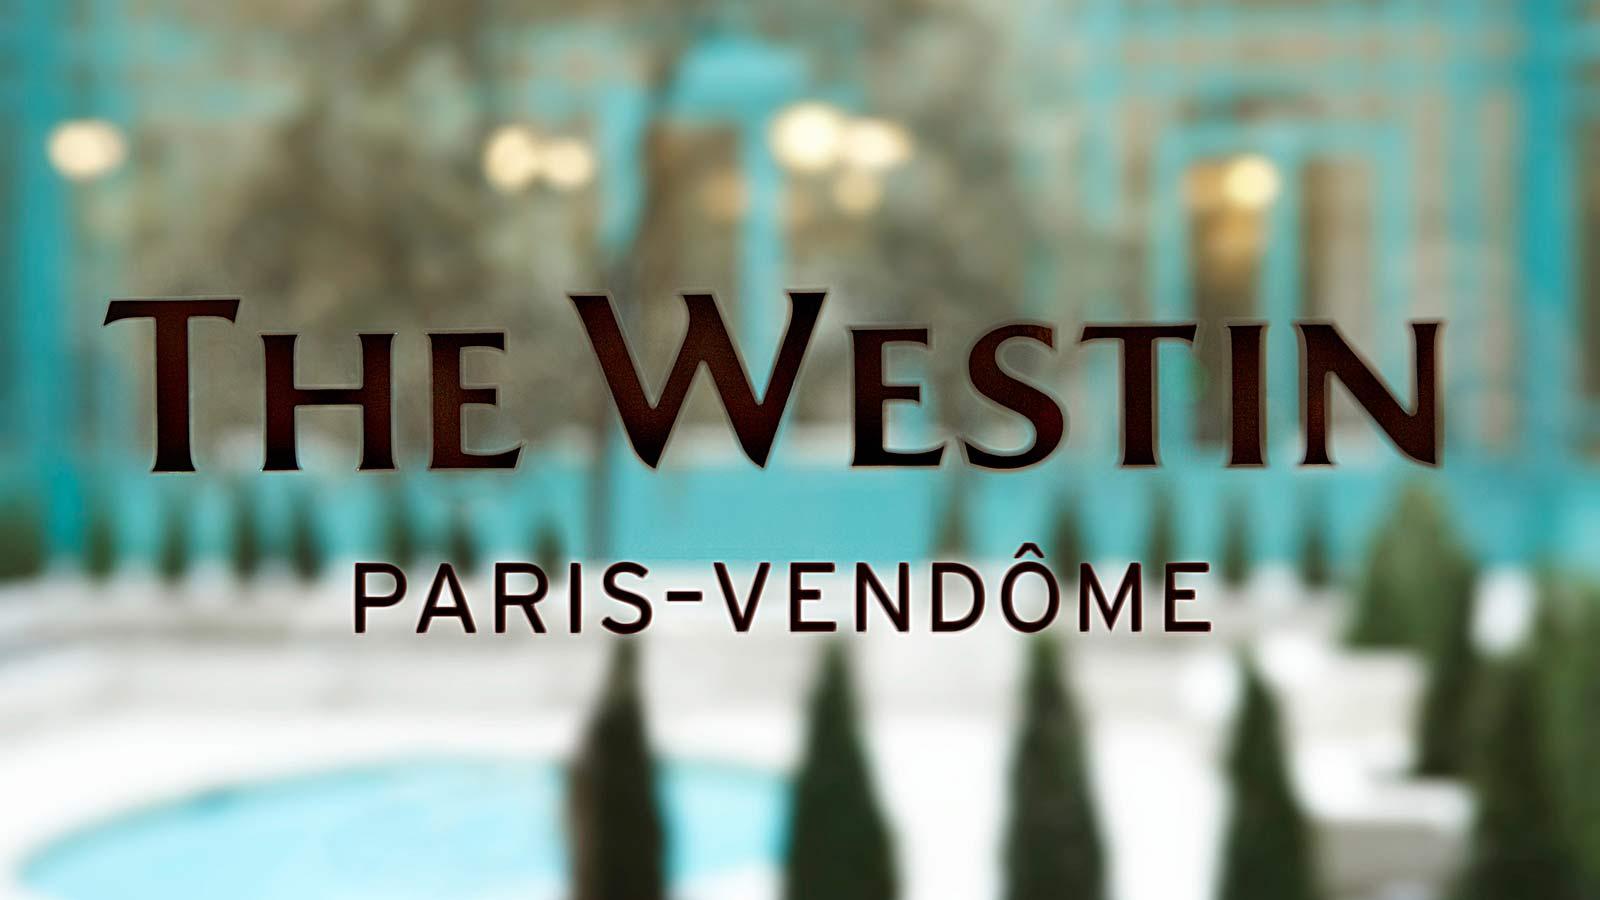 Hôtel The Westin Paris